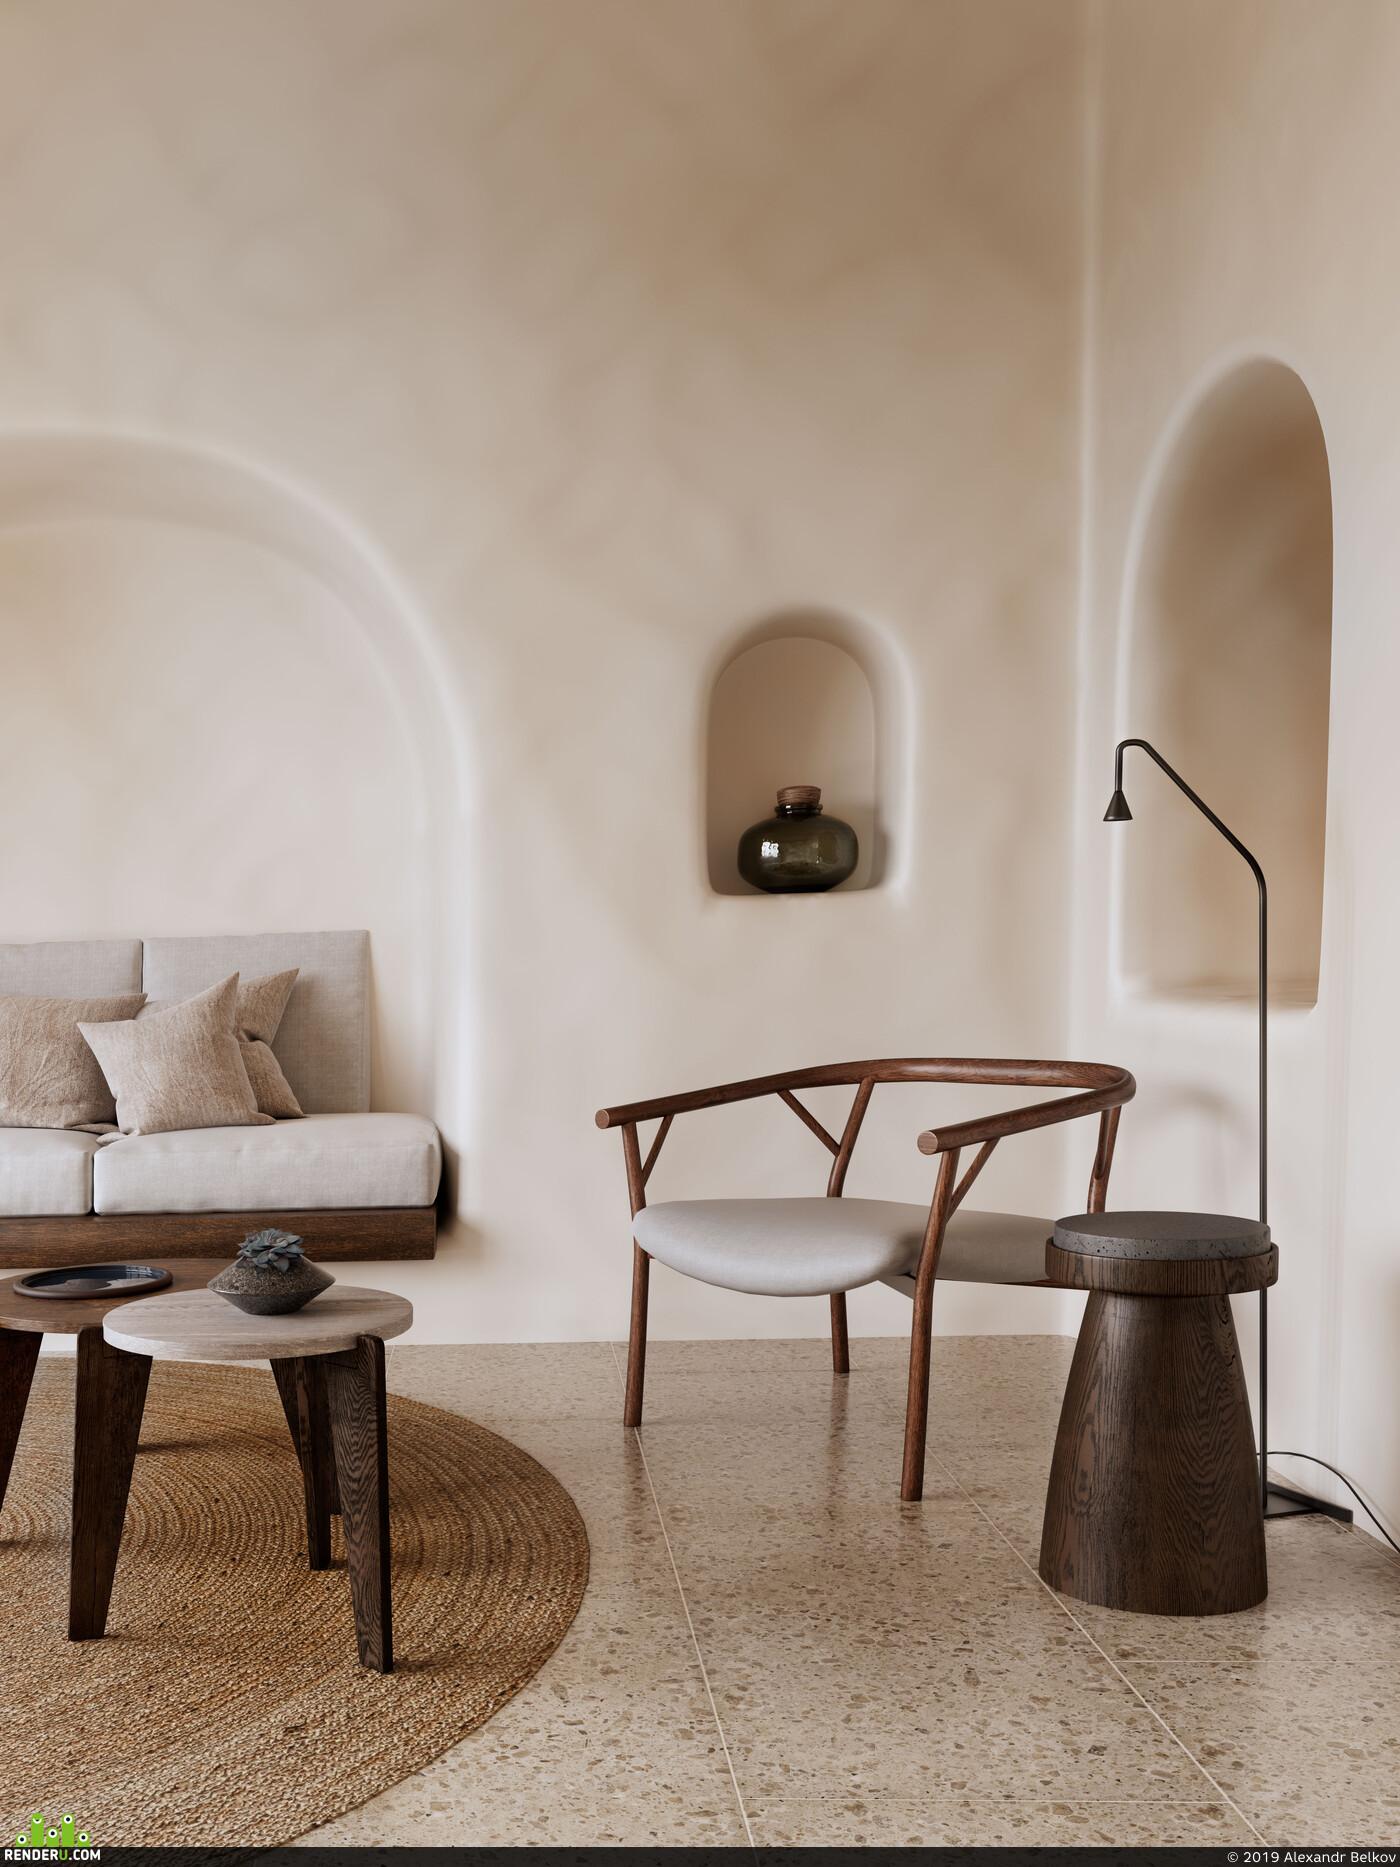 coronarenderer, interiors, 3Dsmax, design, Architecture